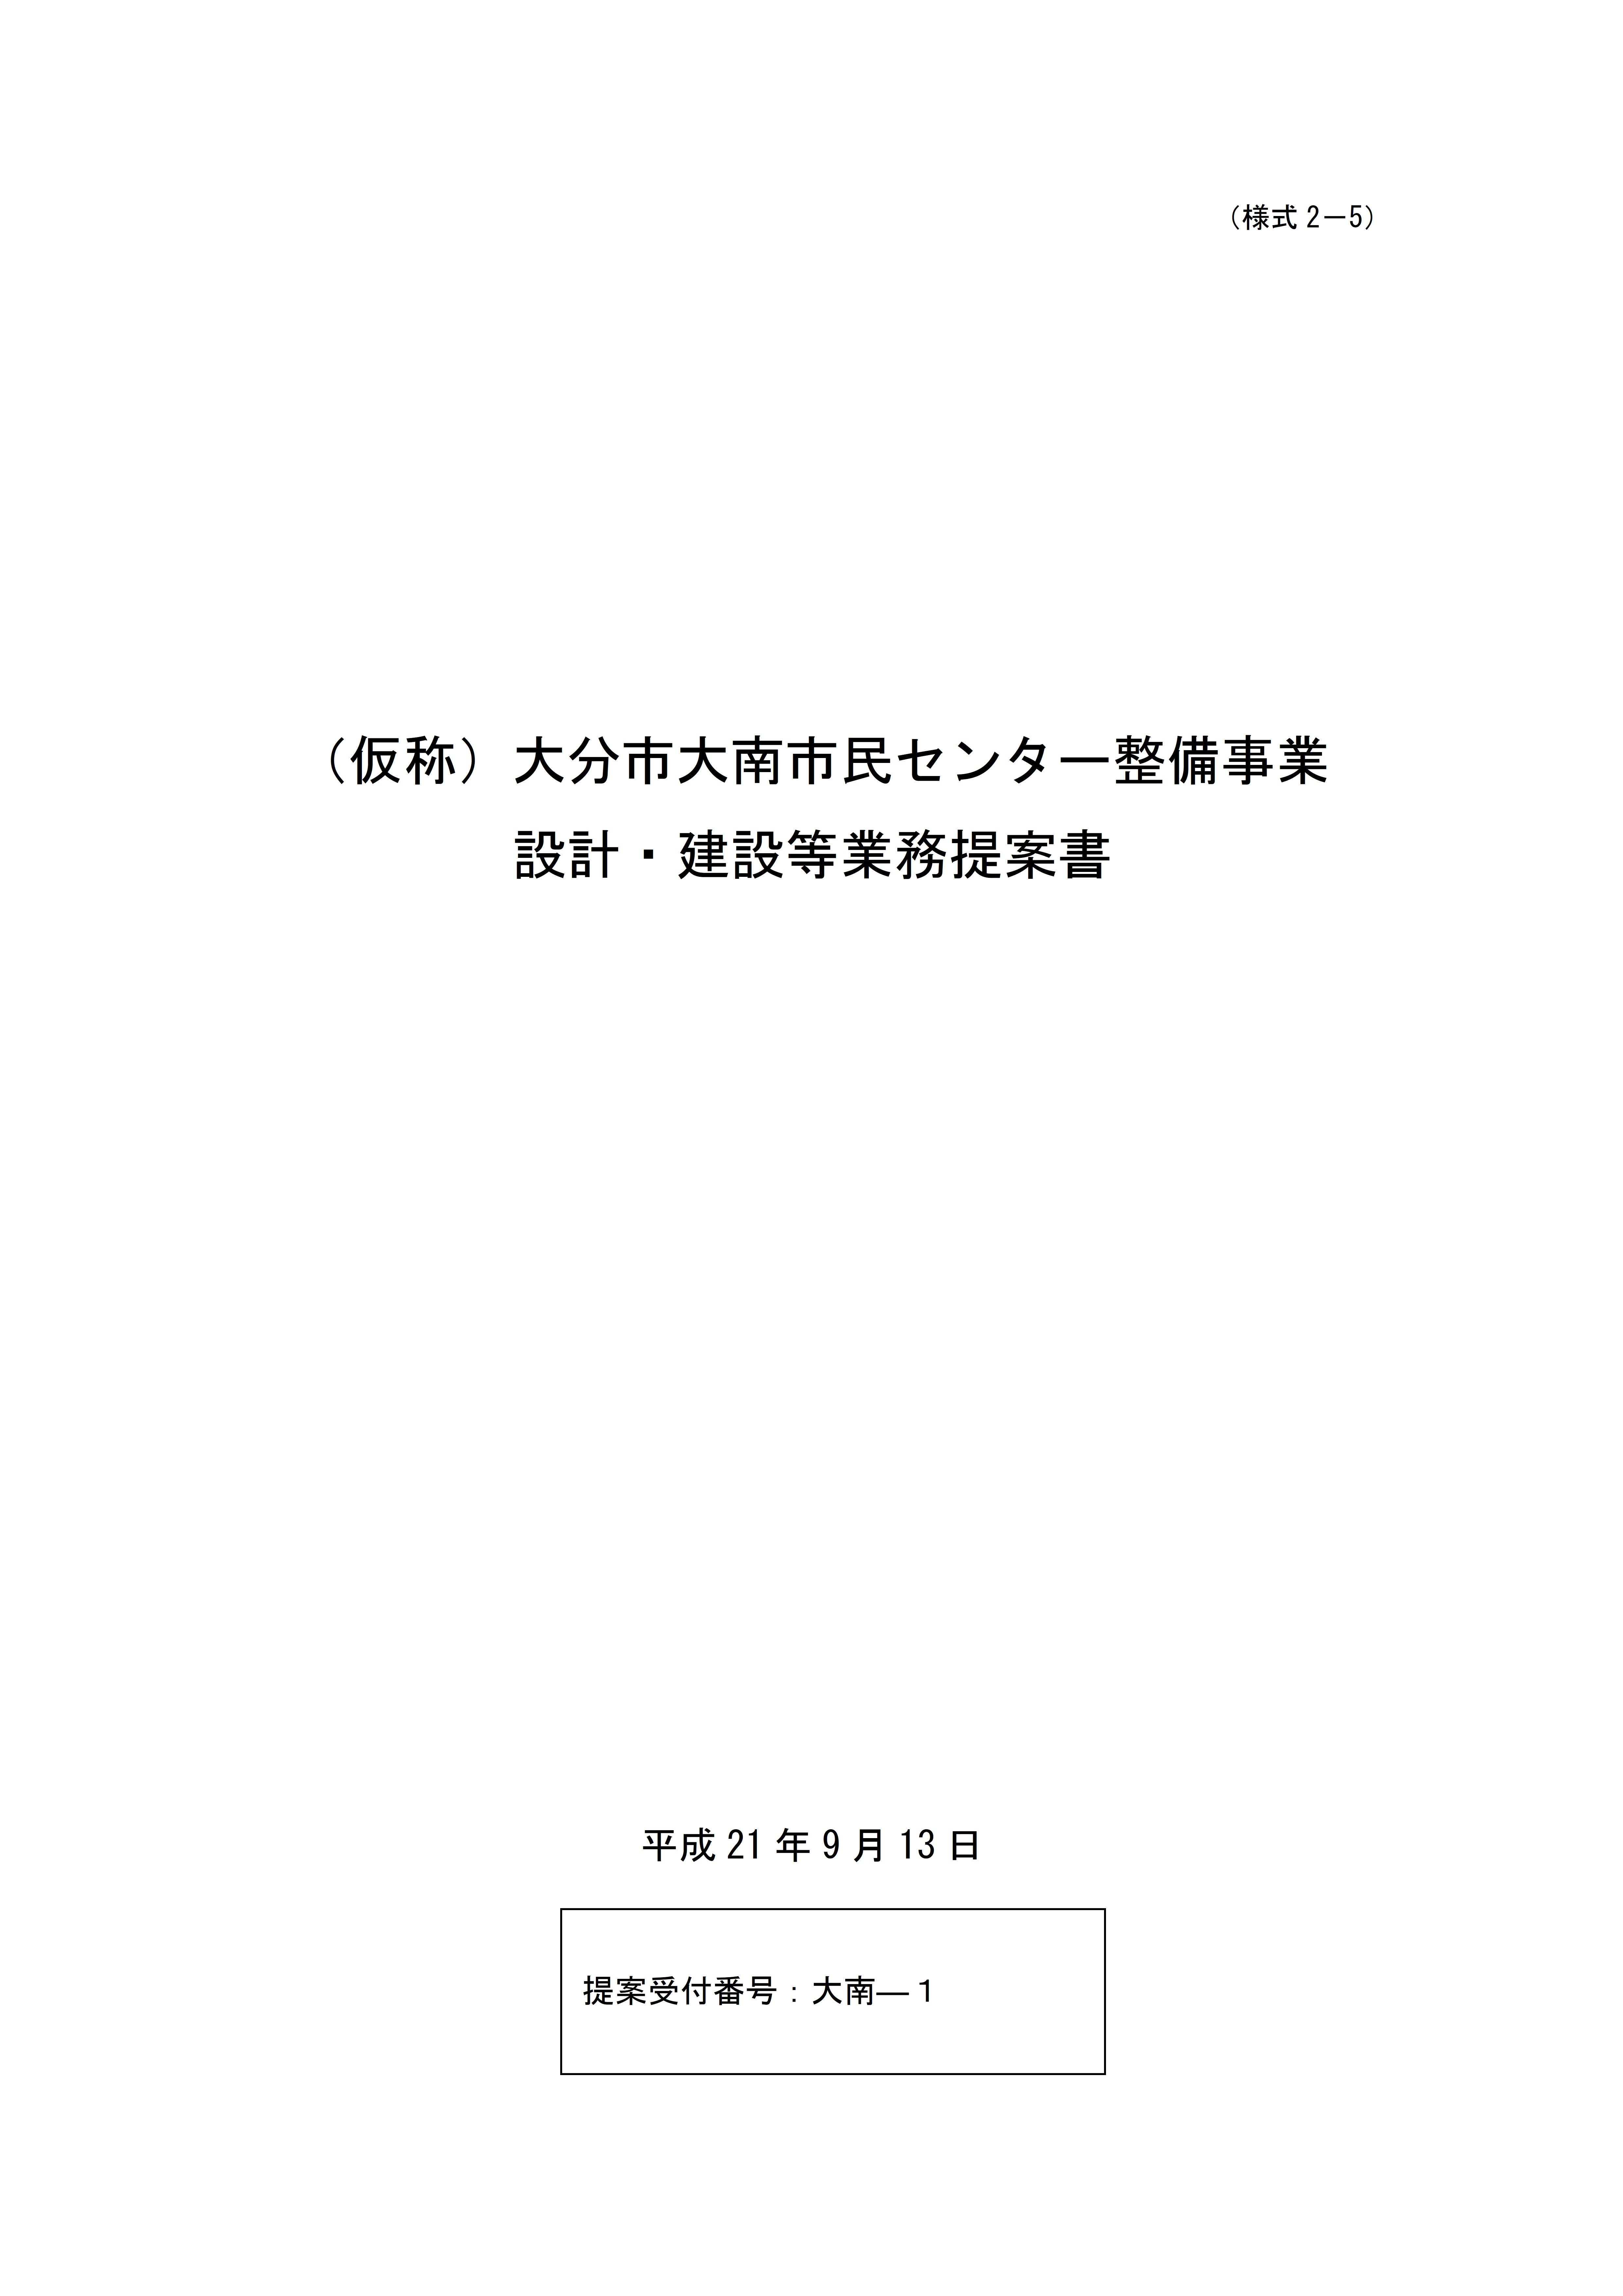 10 設計提出書類(最終)